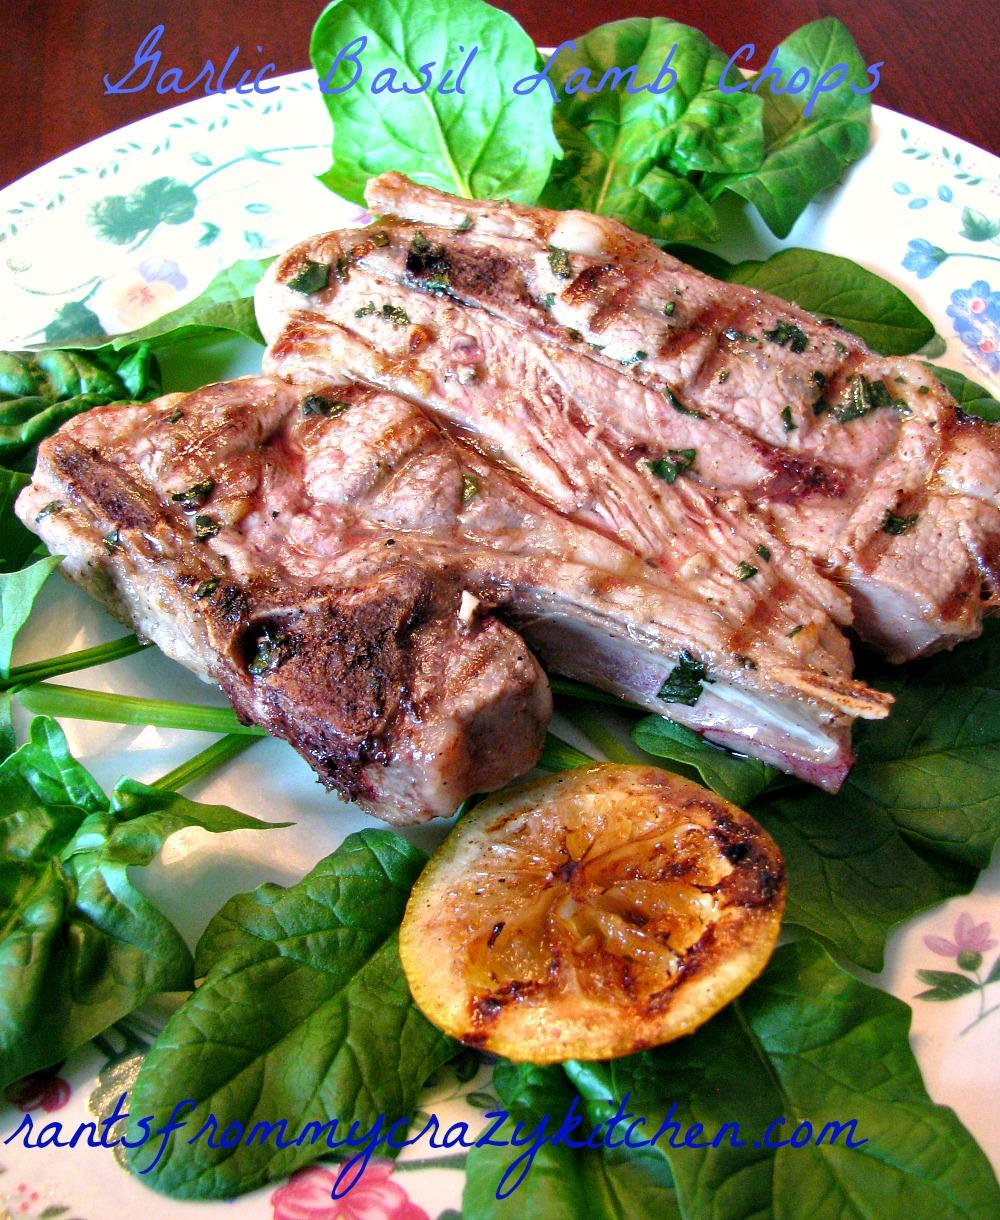 Garlic Basil Lamb Chops